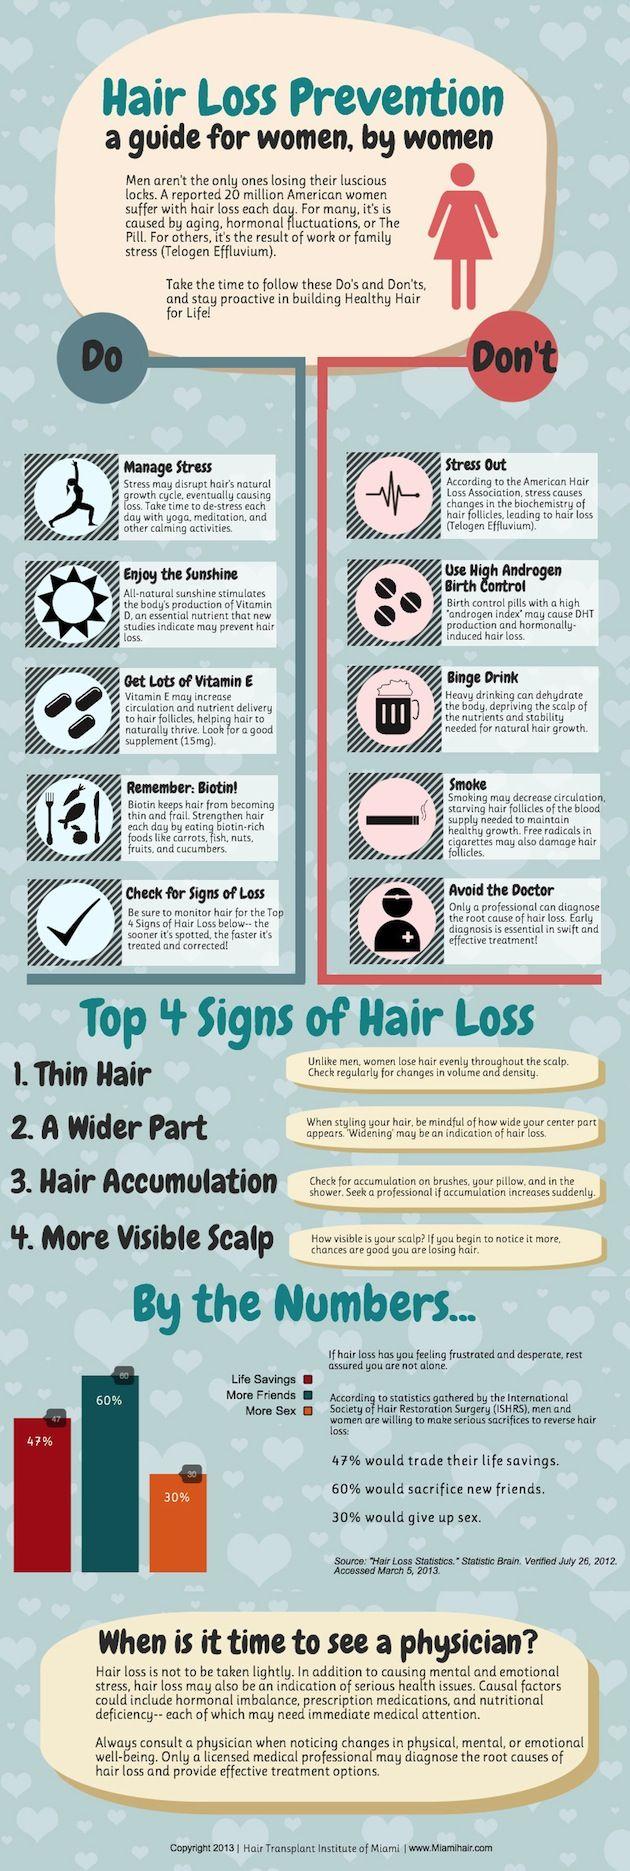 Dutasteride uk hair loss.doc - Hair Loss Prevention For Women